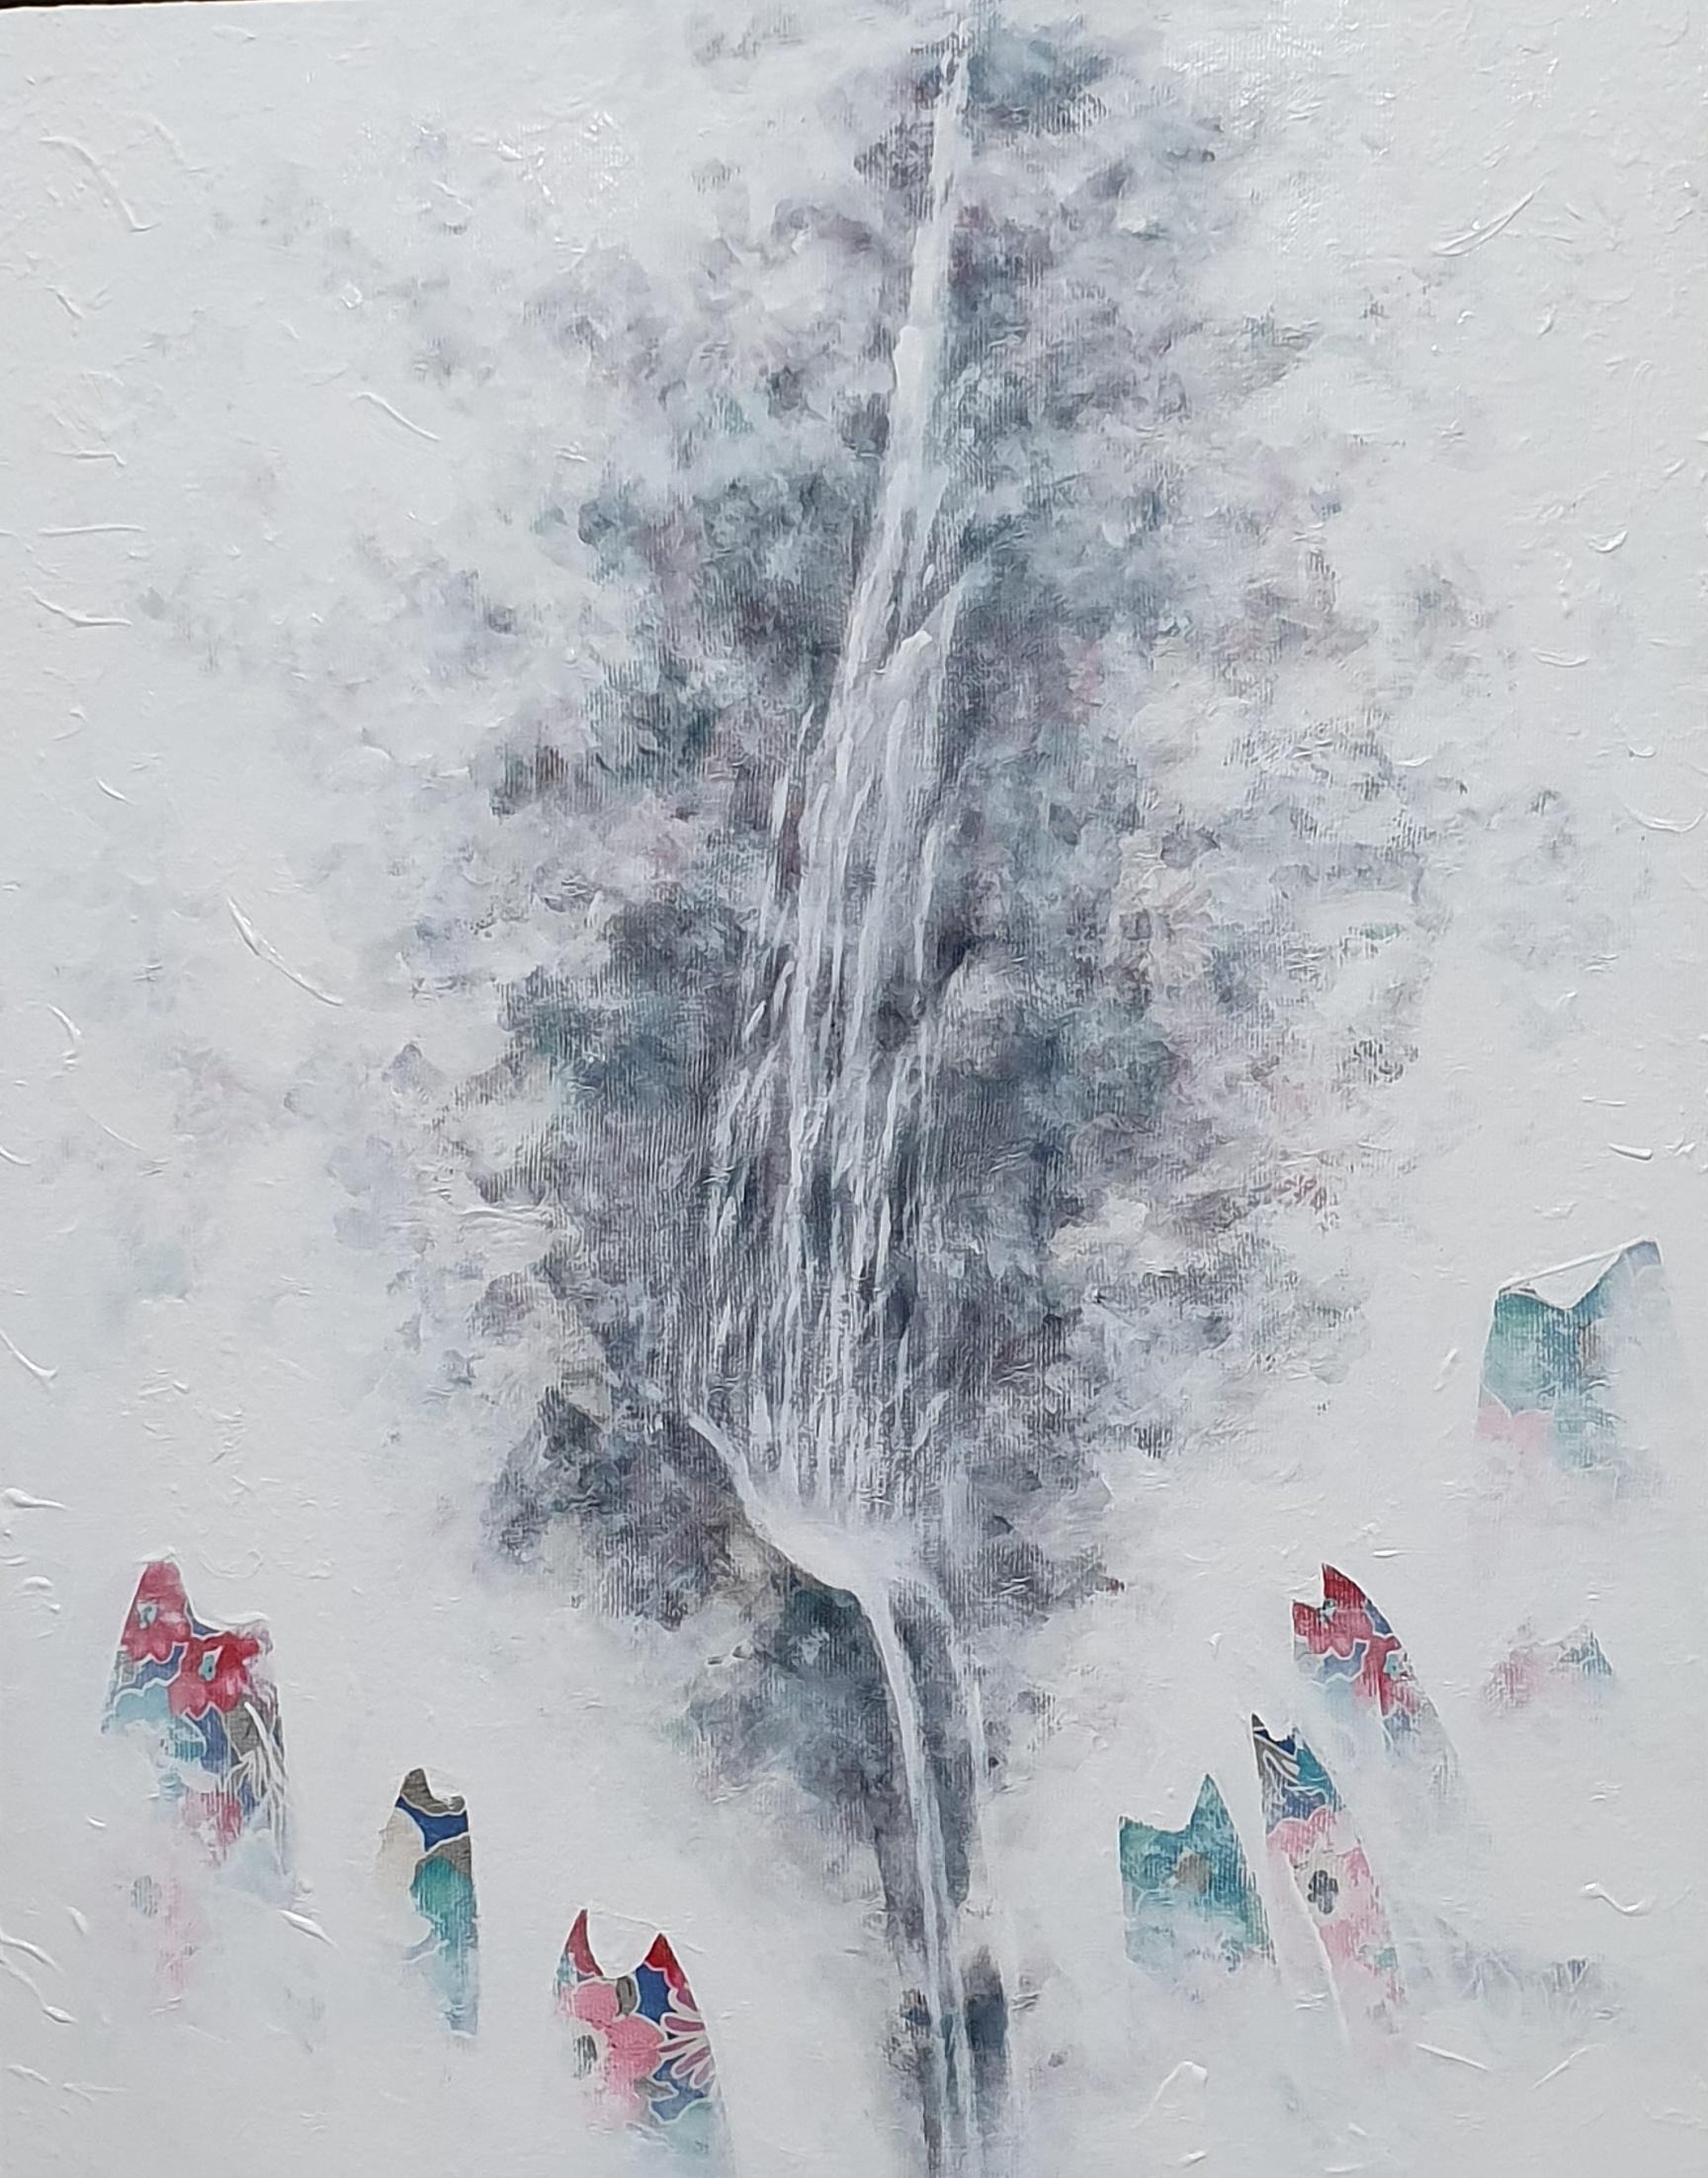 김성호1, 꽃잉어 합창, 42.5 x 54